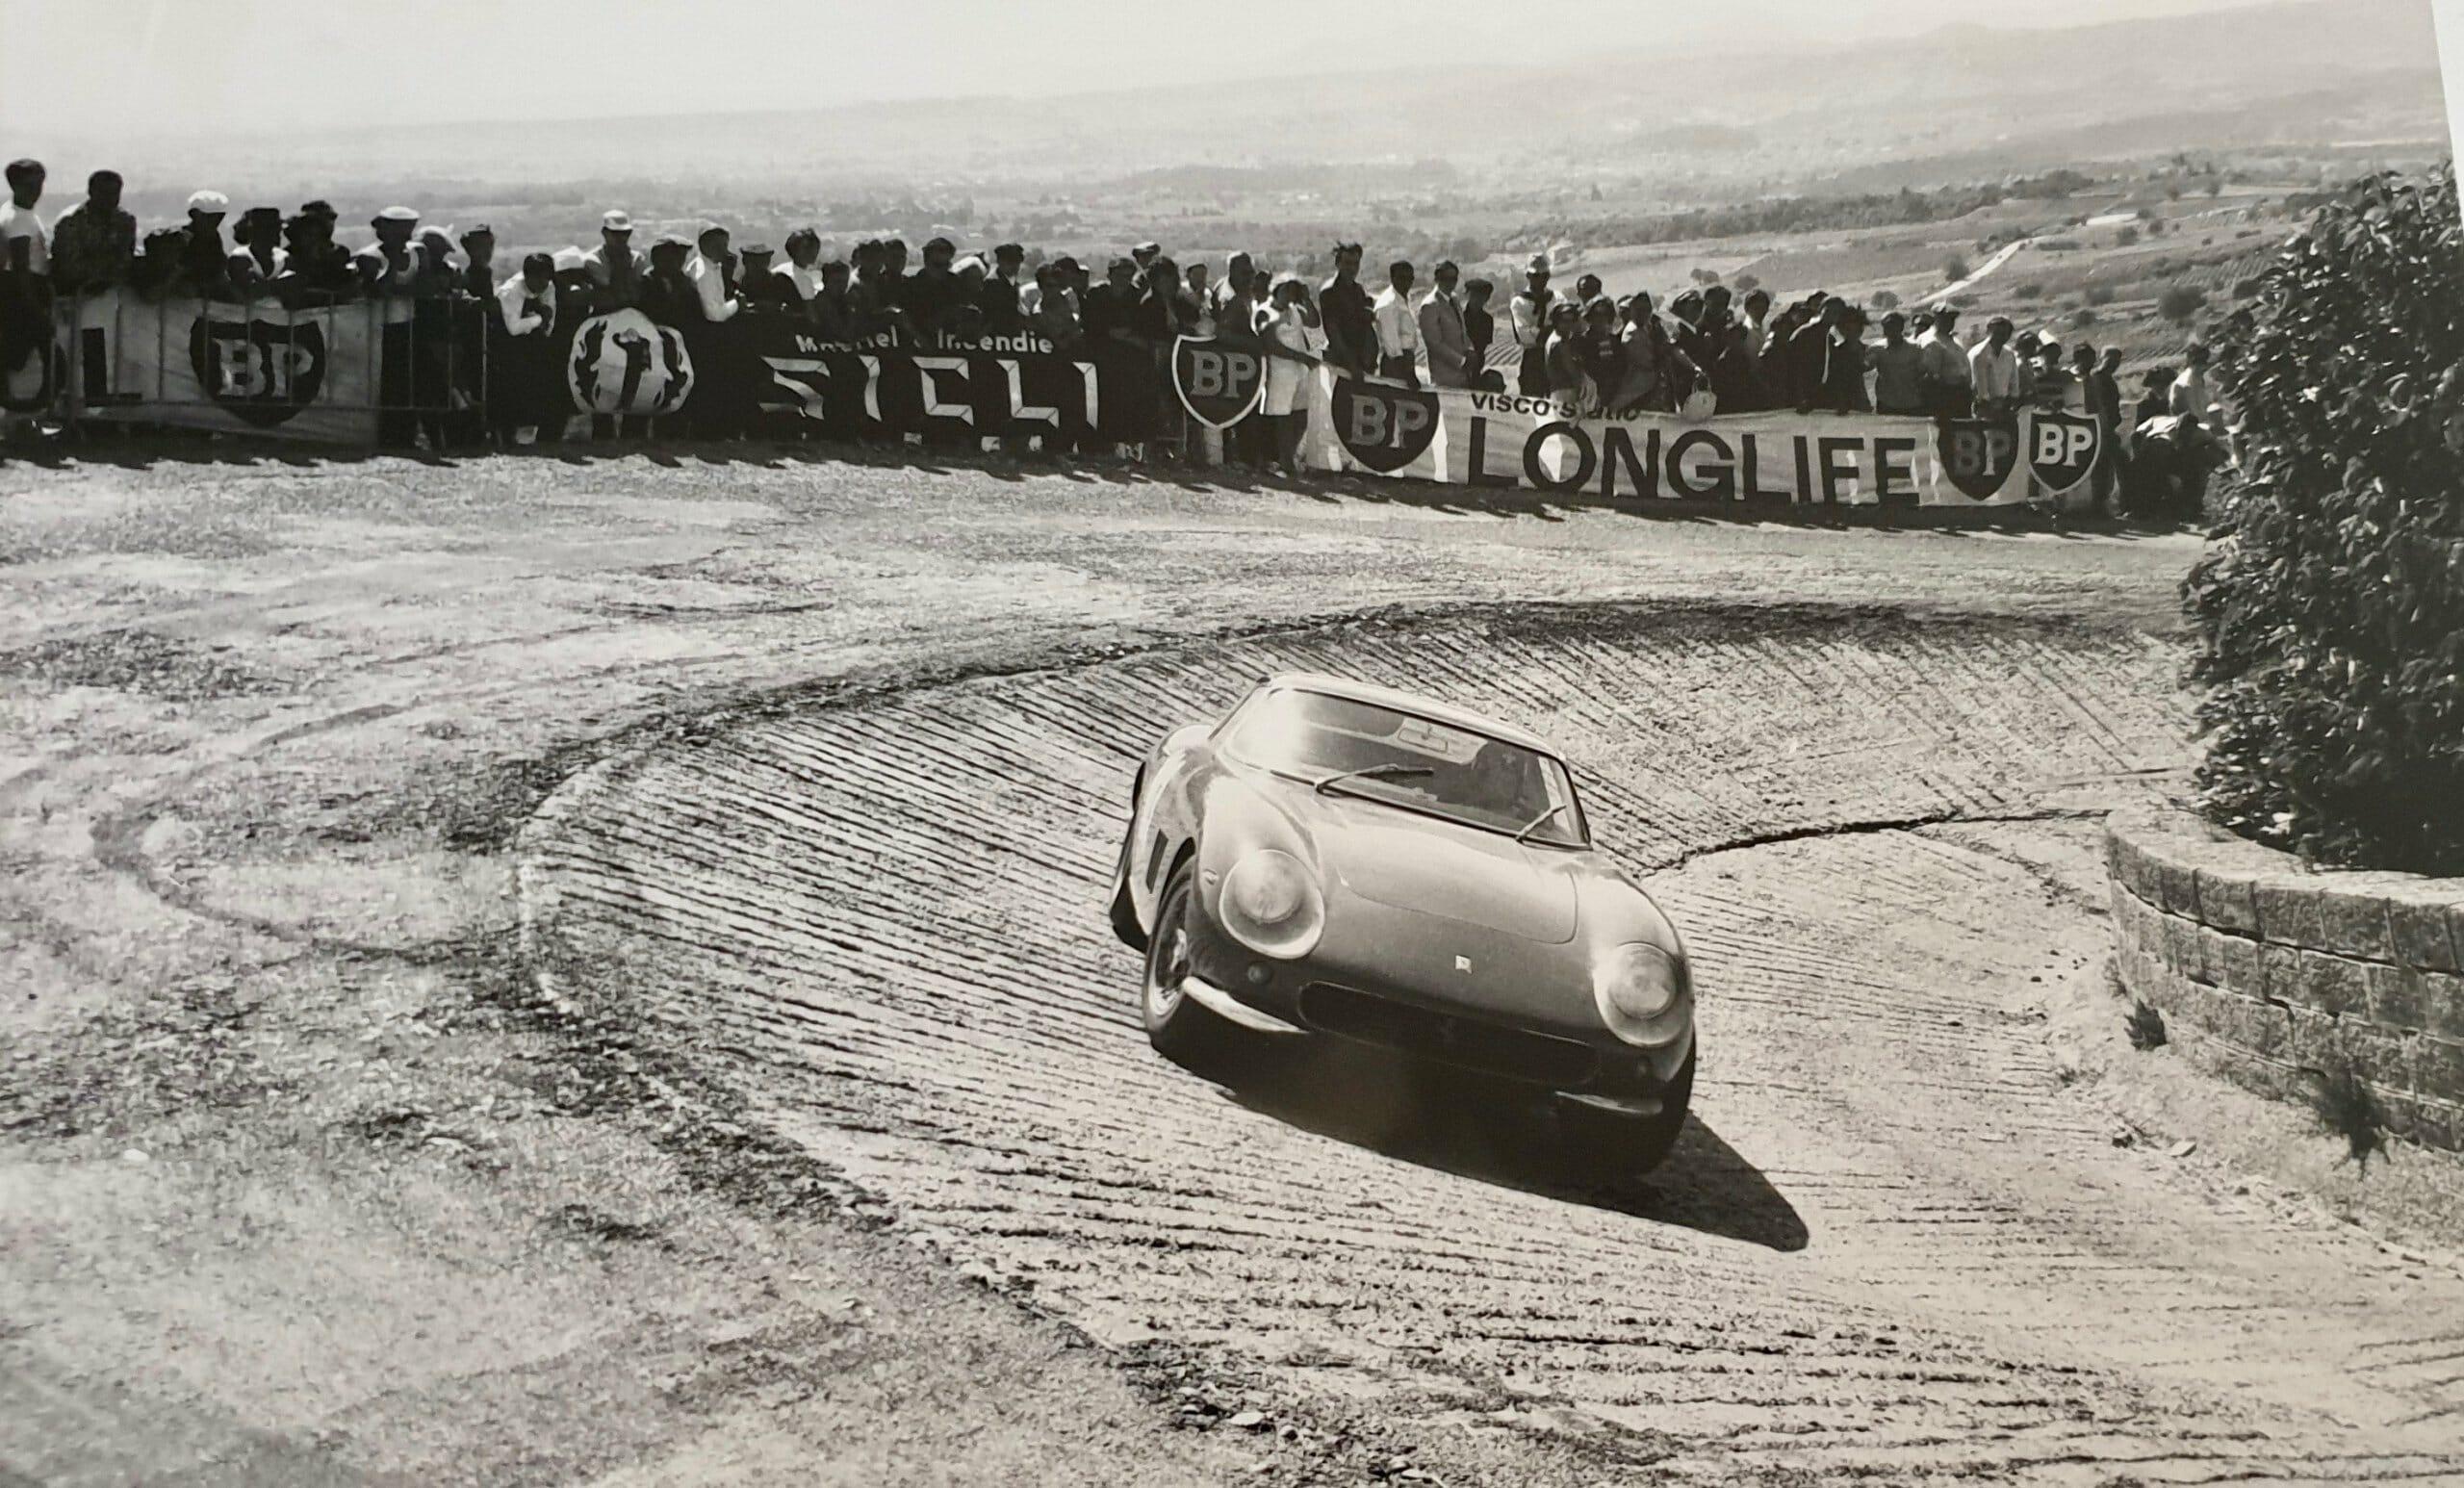 Artcurial Motorcars, Artcurial sets its docket for Retromobile auction, ClassicCars.com Journal